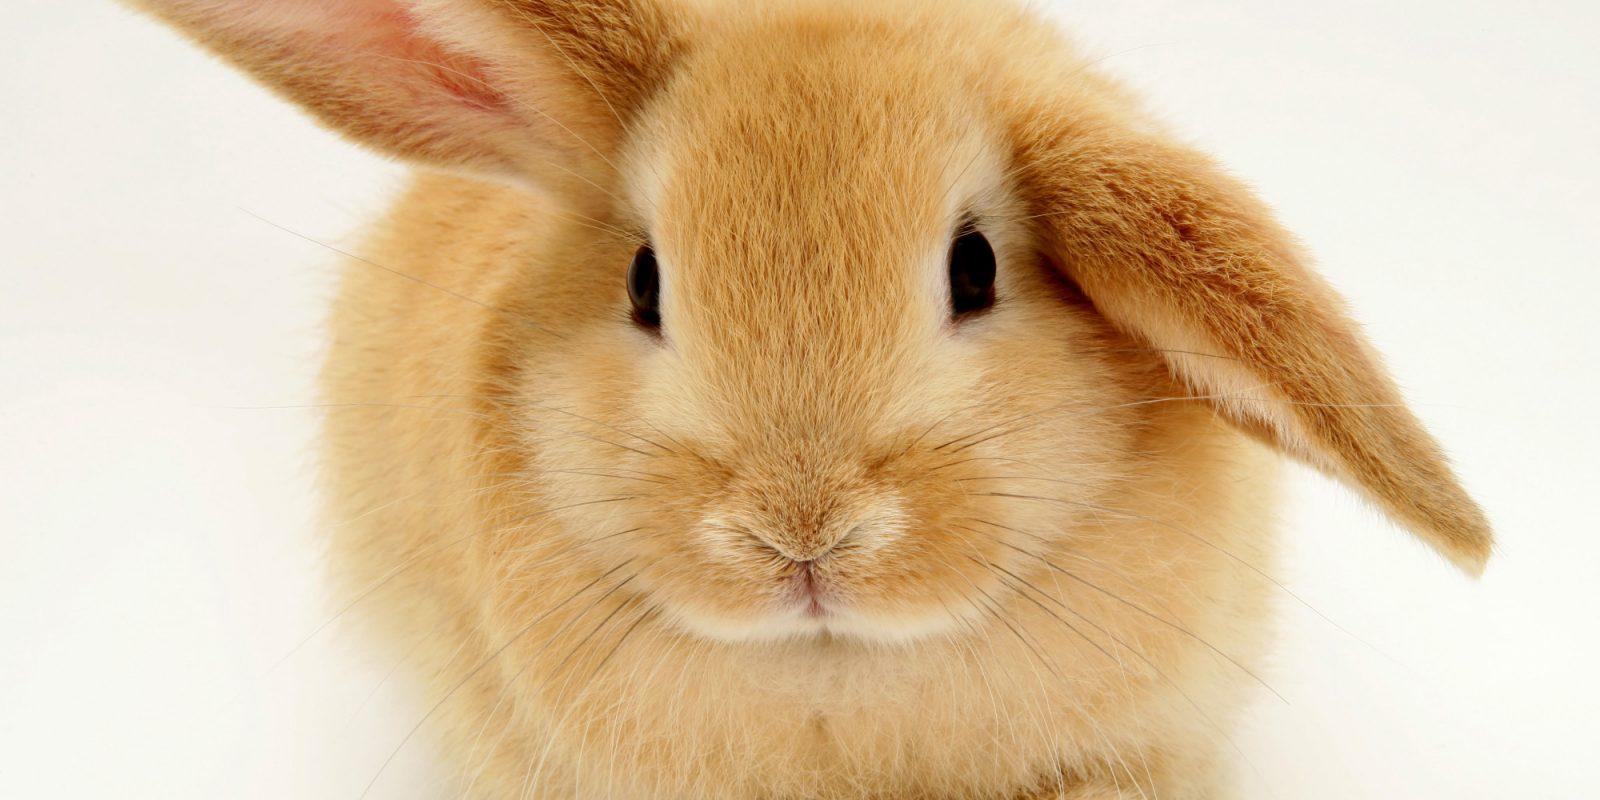 Conejos domsticos y razas de conejos enanos